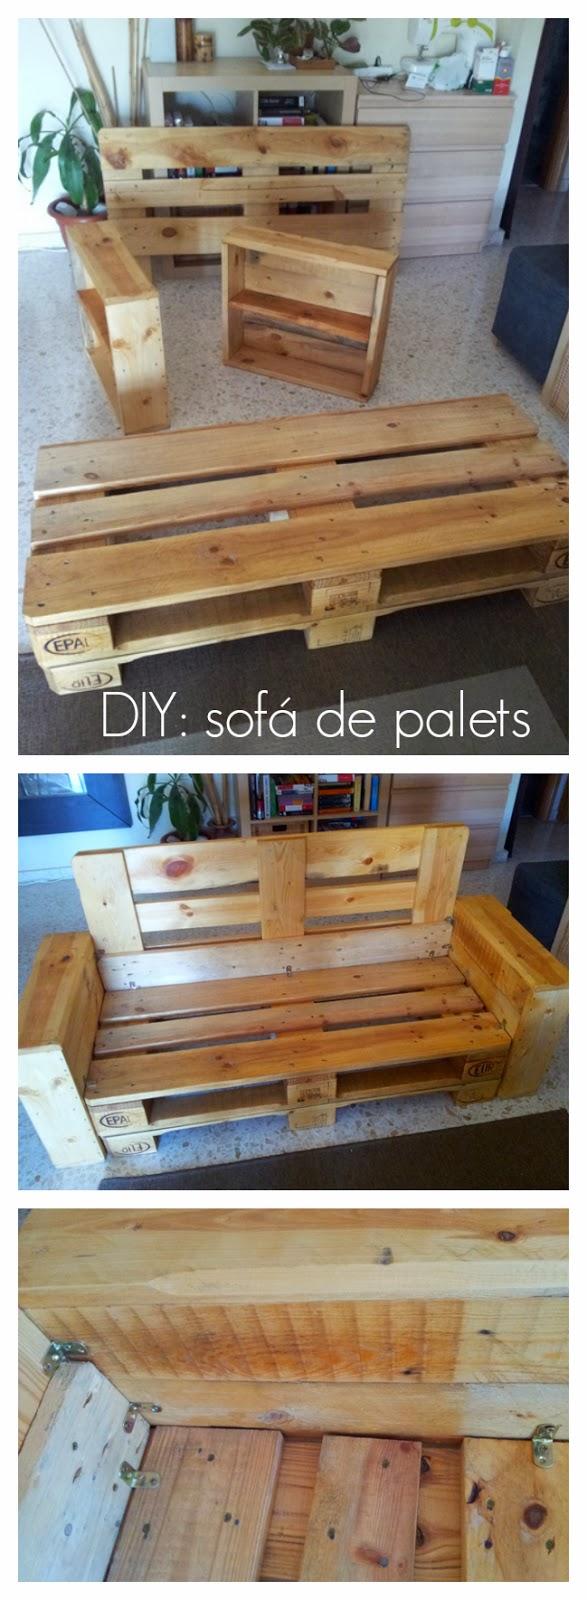 Diy c mo hacer un sof con palets - Sofas con palets ...